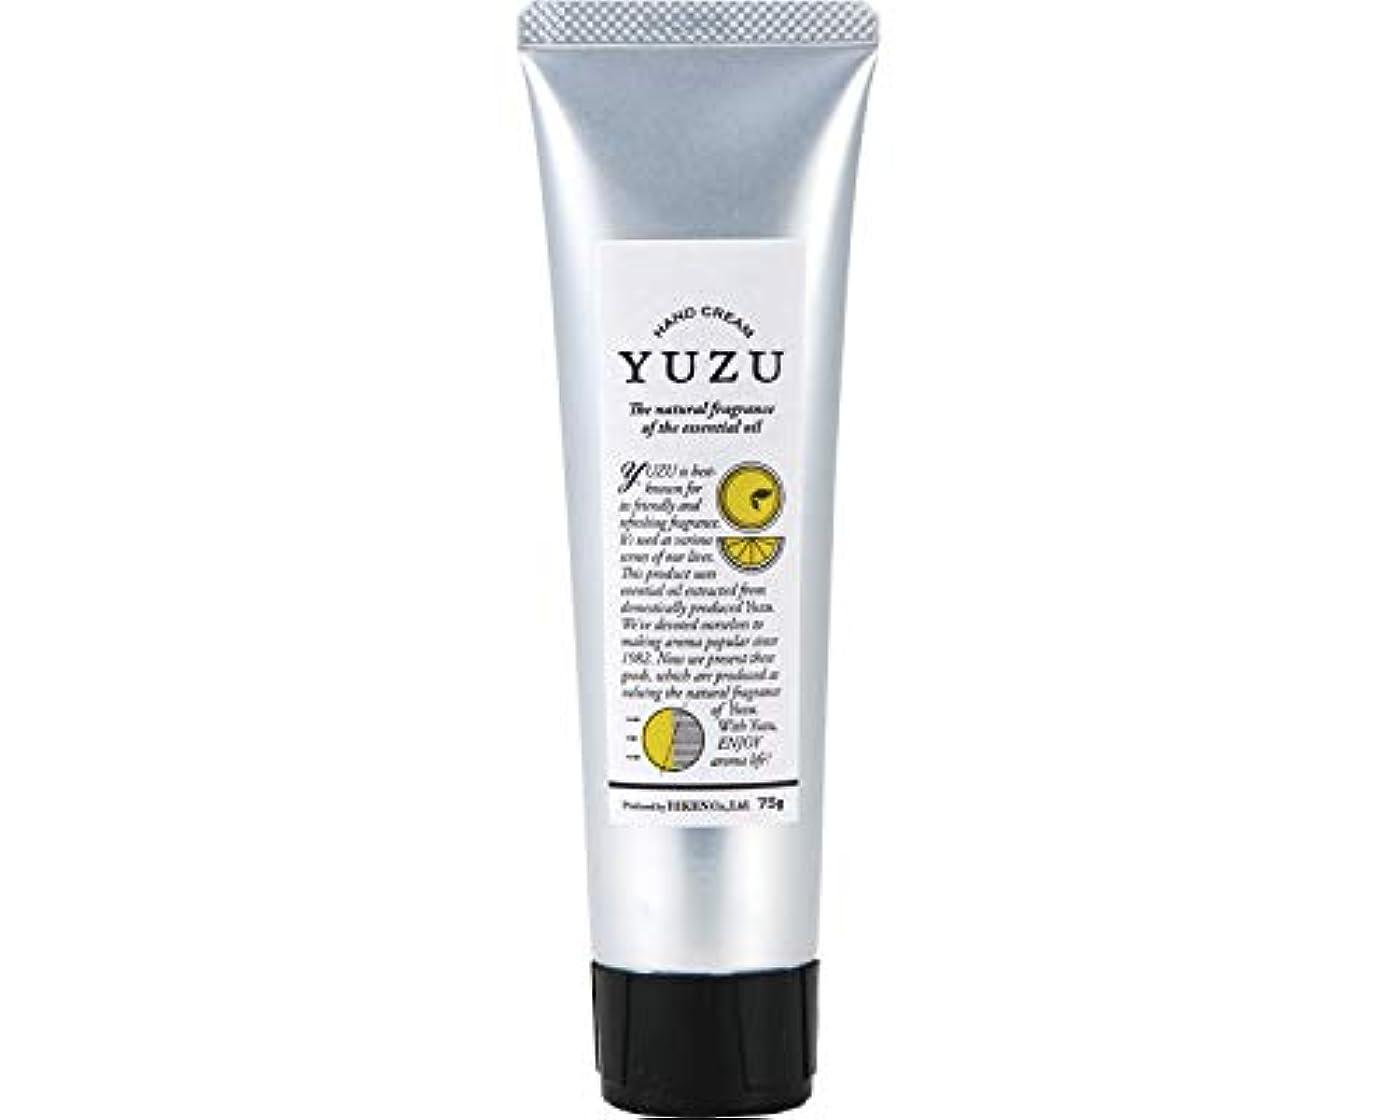 ボイド子供っぽい発見YUZU(ユズ) ハンドクリーム 33934 75g (美健)